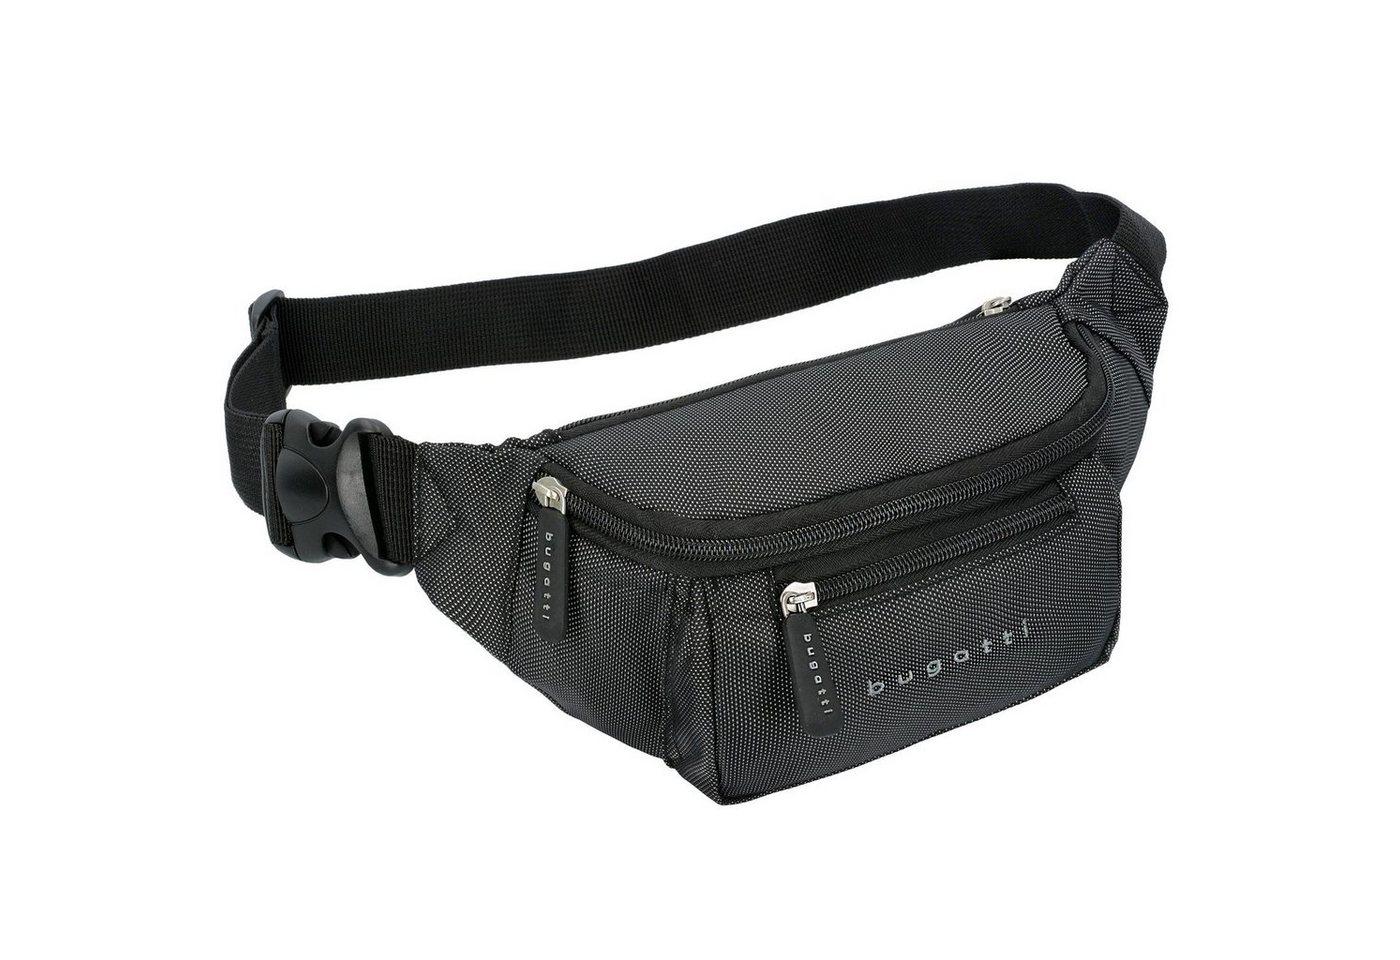 bugatti Lima Gürteltasche 22 cm extrem leicht | Taschen > Gürteltaschen | Grau | Polyester | bugatti